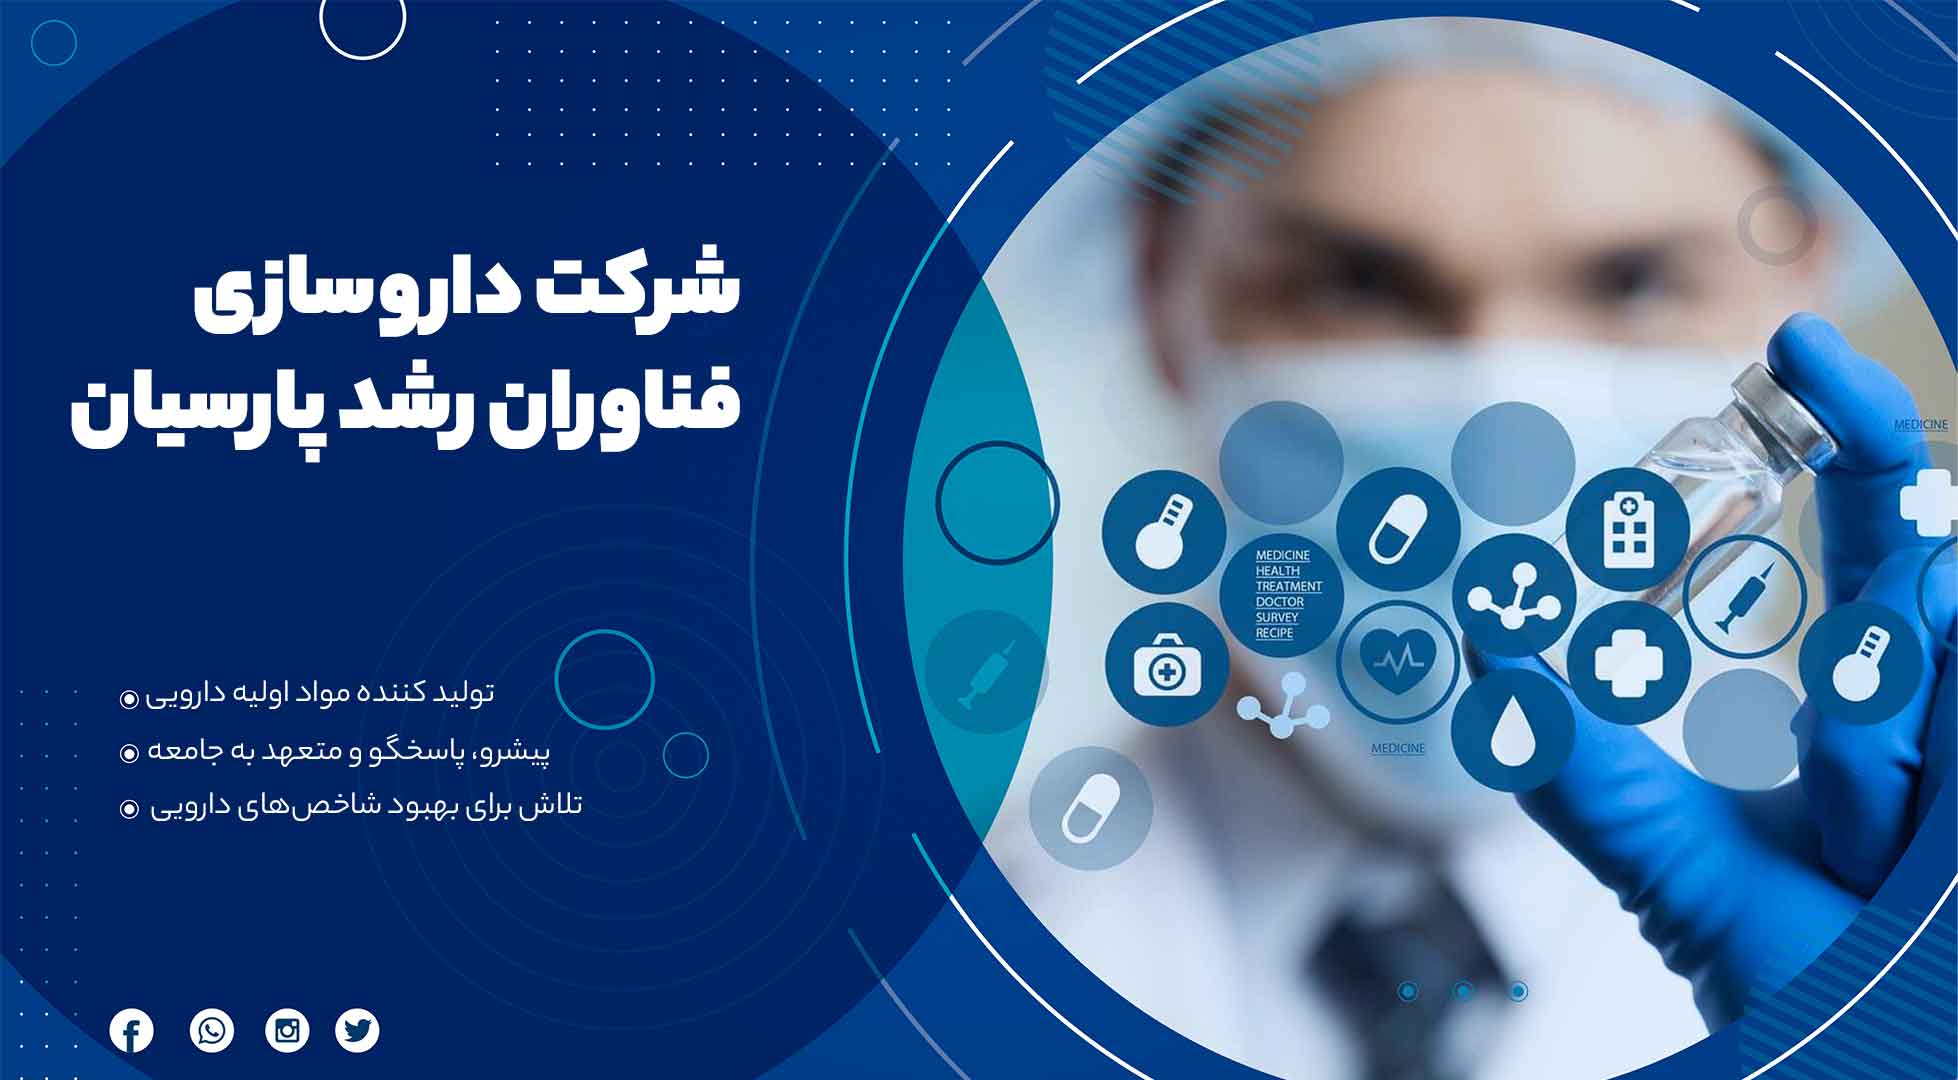 شرکت داروسازی فناوران پارسیان